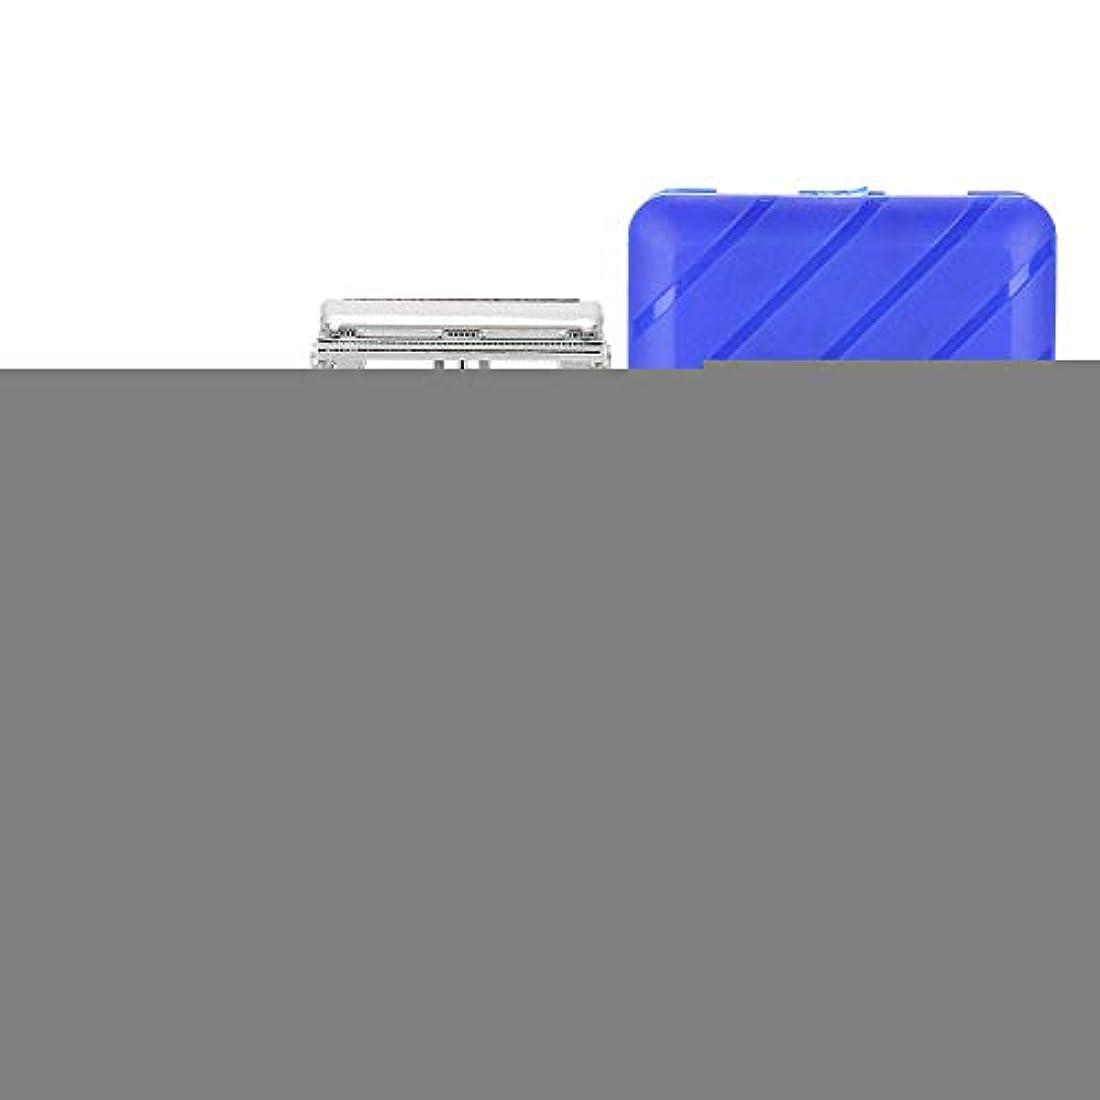 登録キーベテランSemmeひげシェーピングツール、男性シェーバーセット手動メンズシェーバークラシックストレートダブルエッジブレードひげシェーバー付きケース